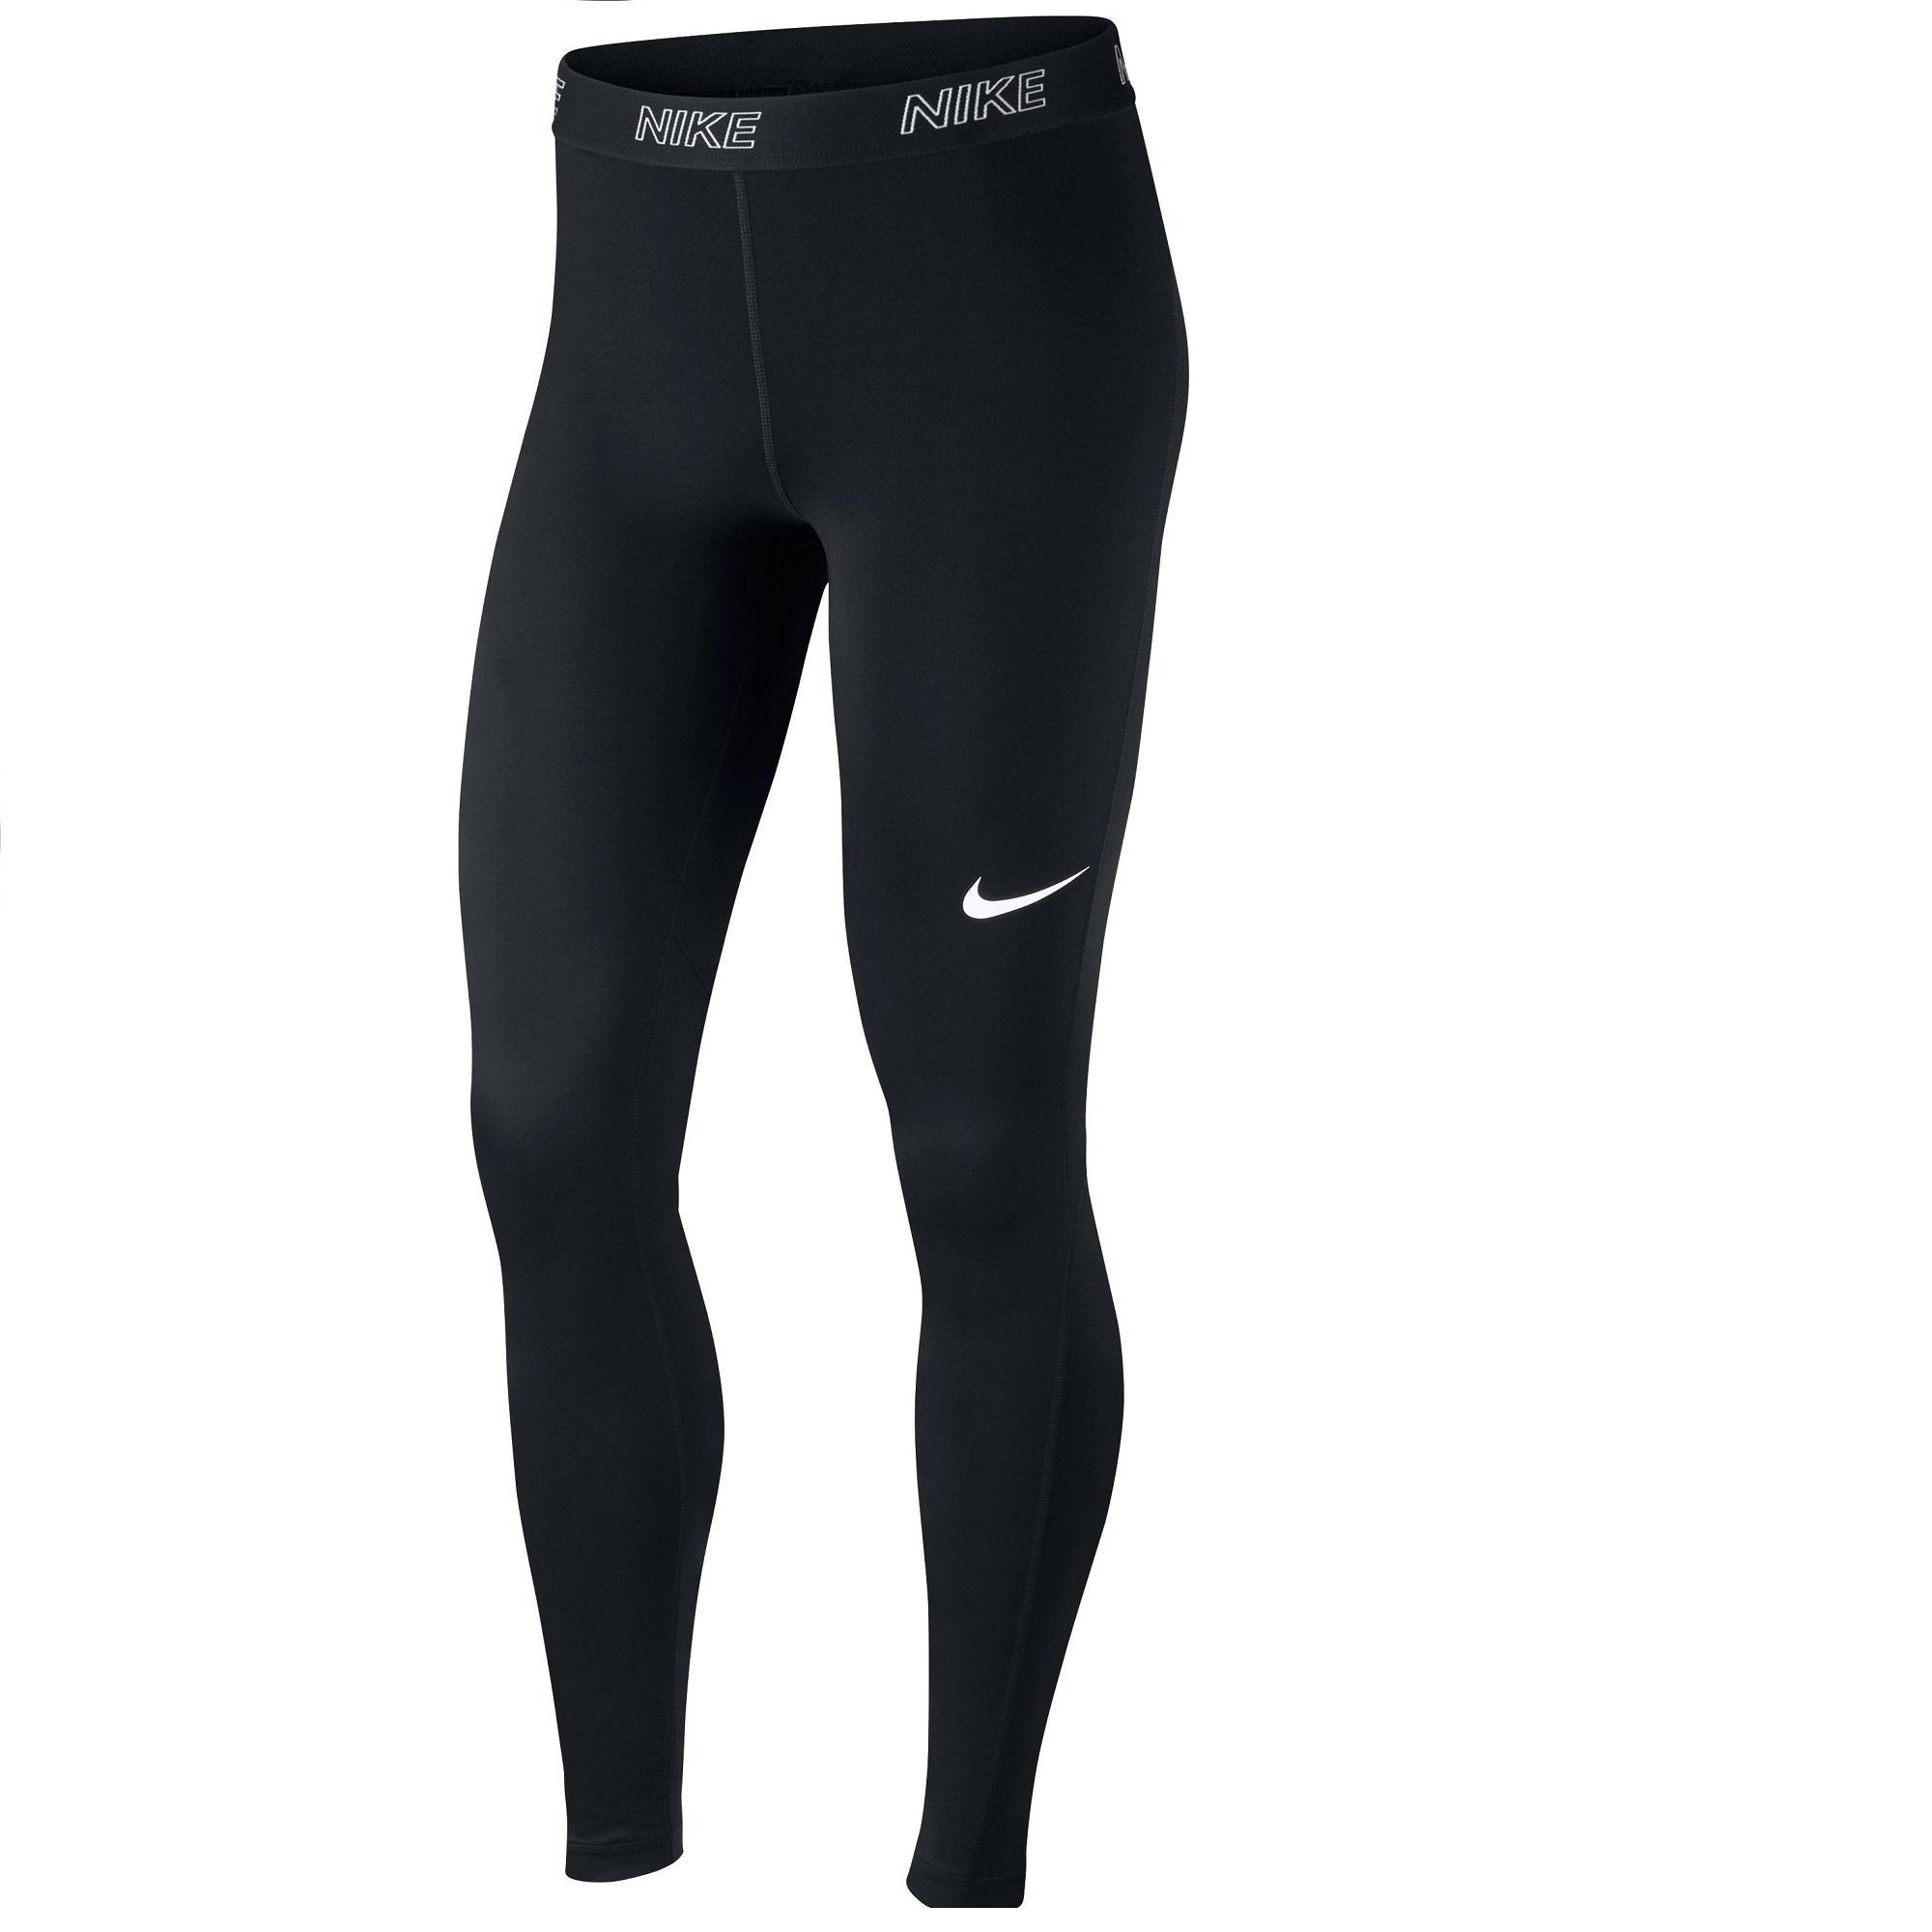 comprar auténtico apariencia estética precio baratas Mallas Leggings Deportivos Cardio Fitness Nike DRI FIT mujer negro